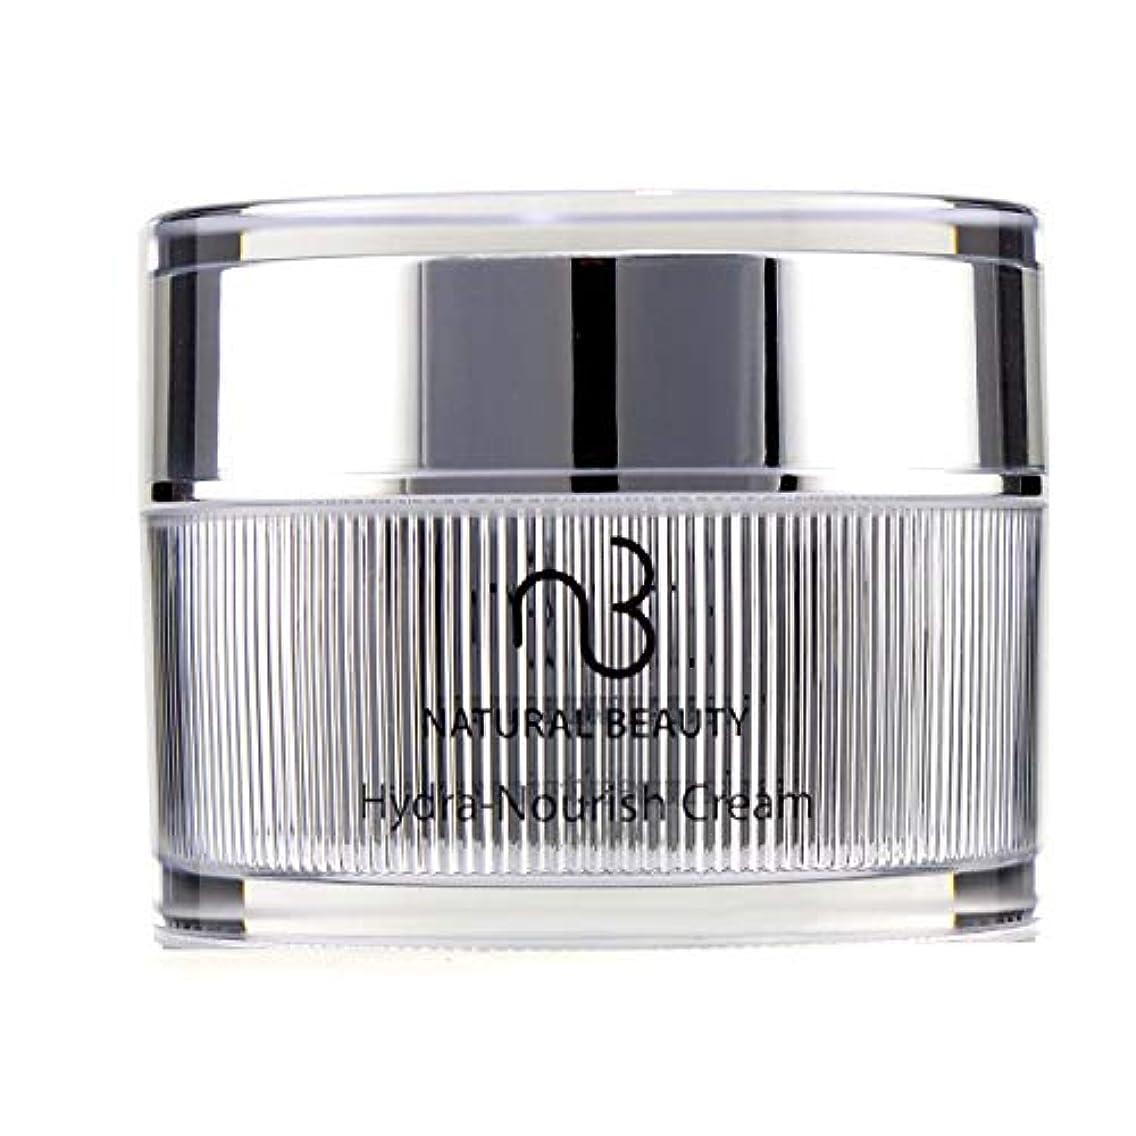 責任強調するの間に自然の美 ハイドラナリッシュクリーム Natural Beauty Hydra-Nourish Cream 30ml/1oz並行輸入品